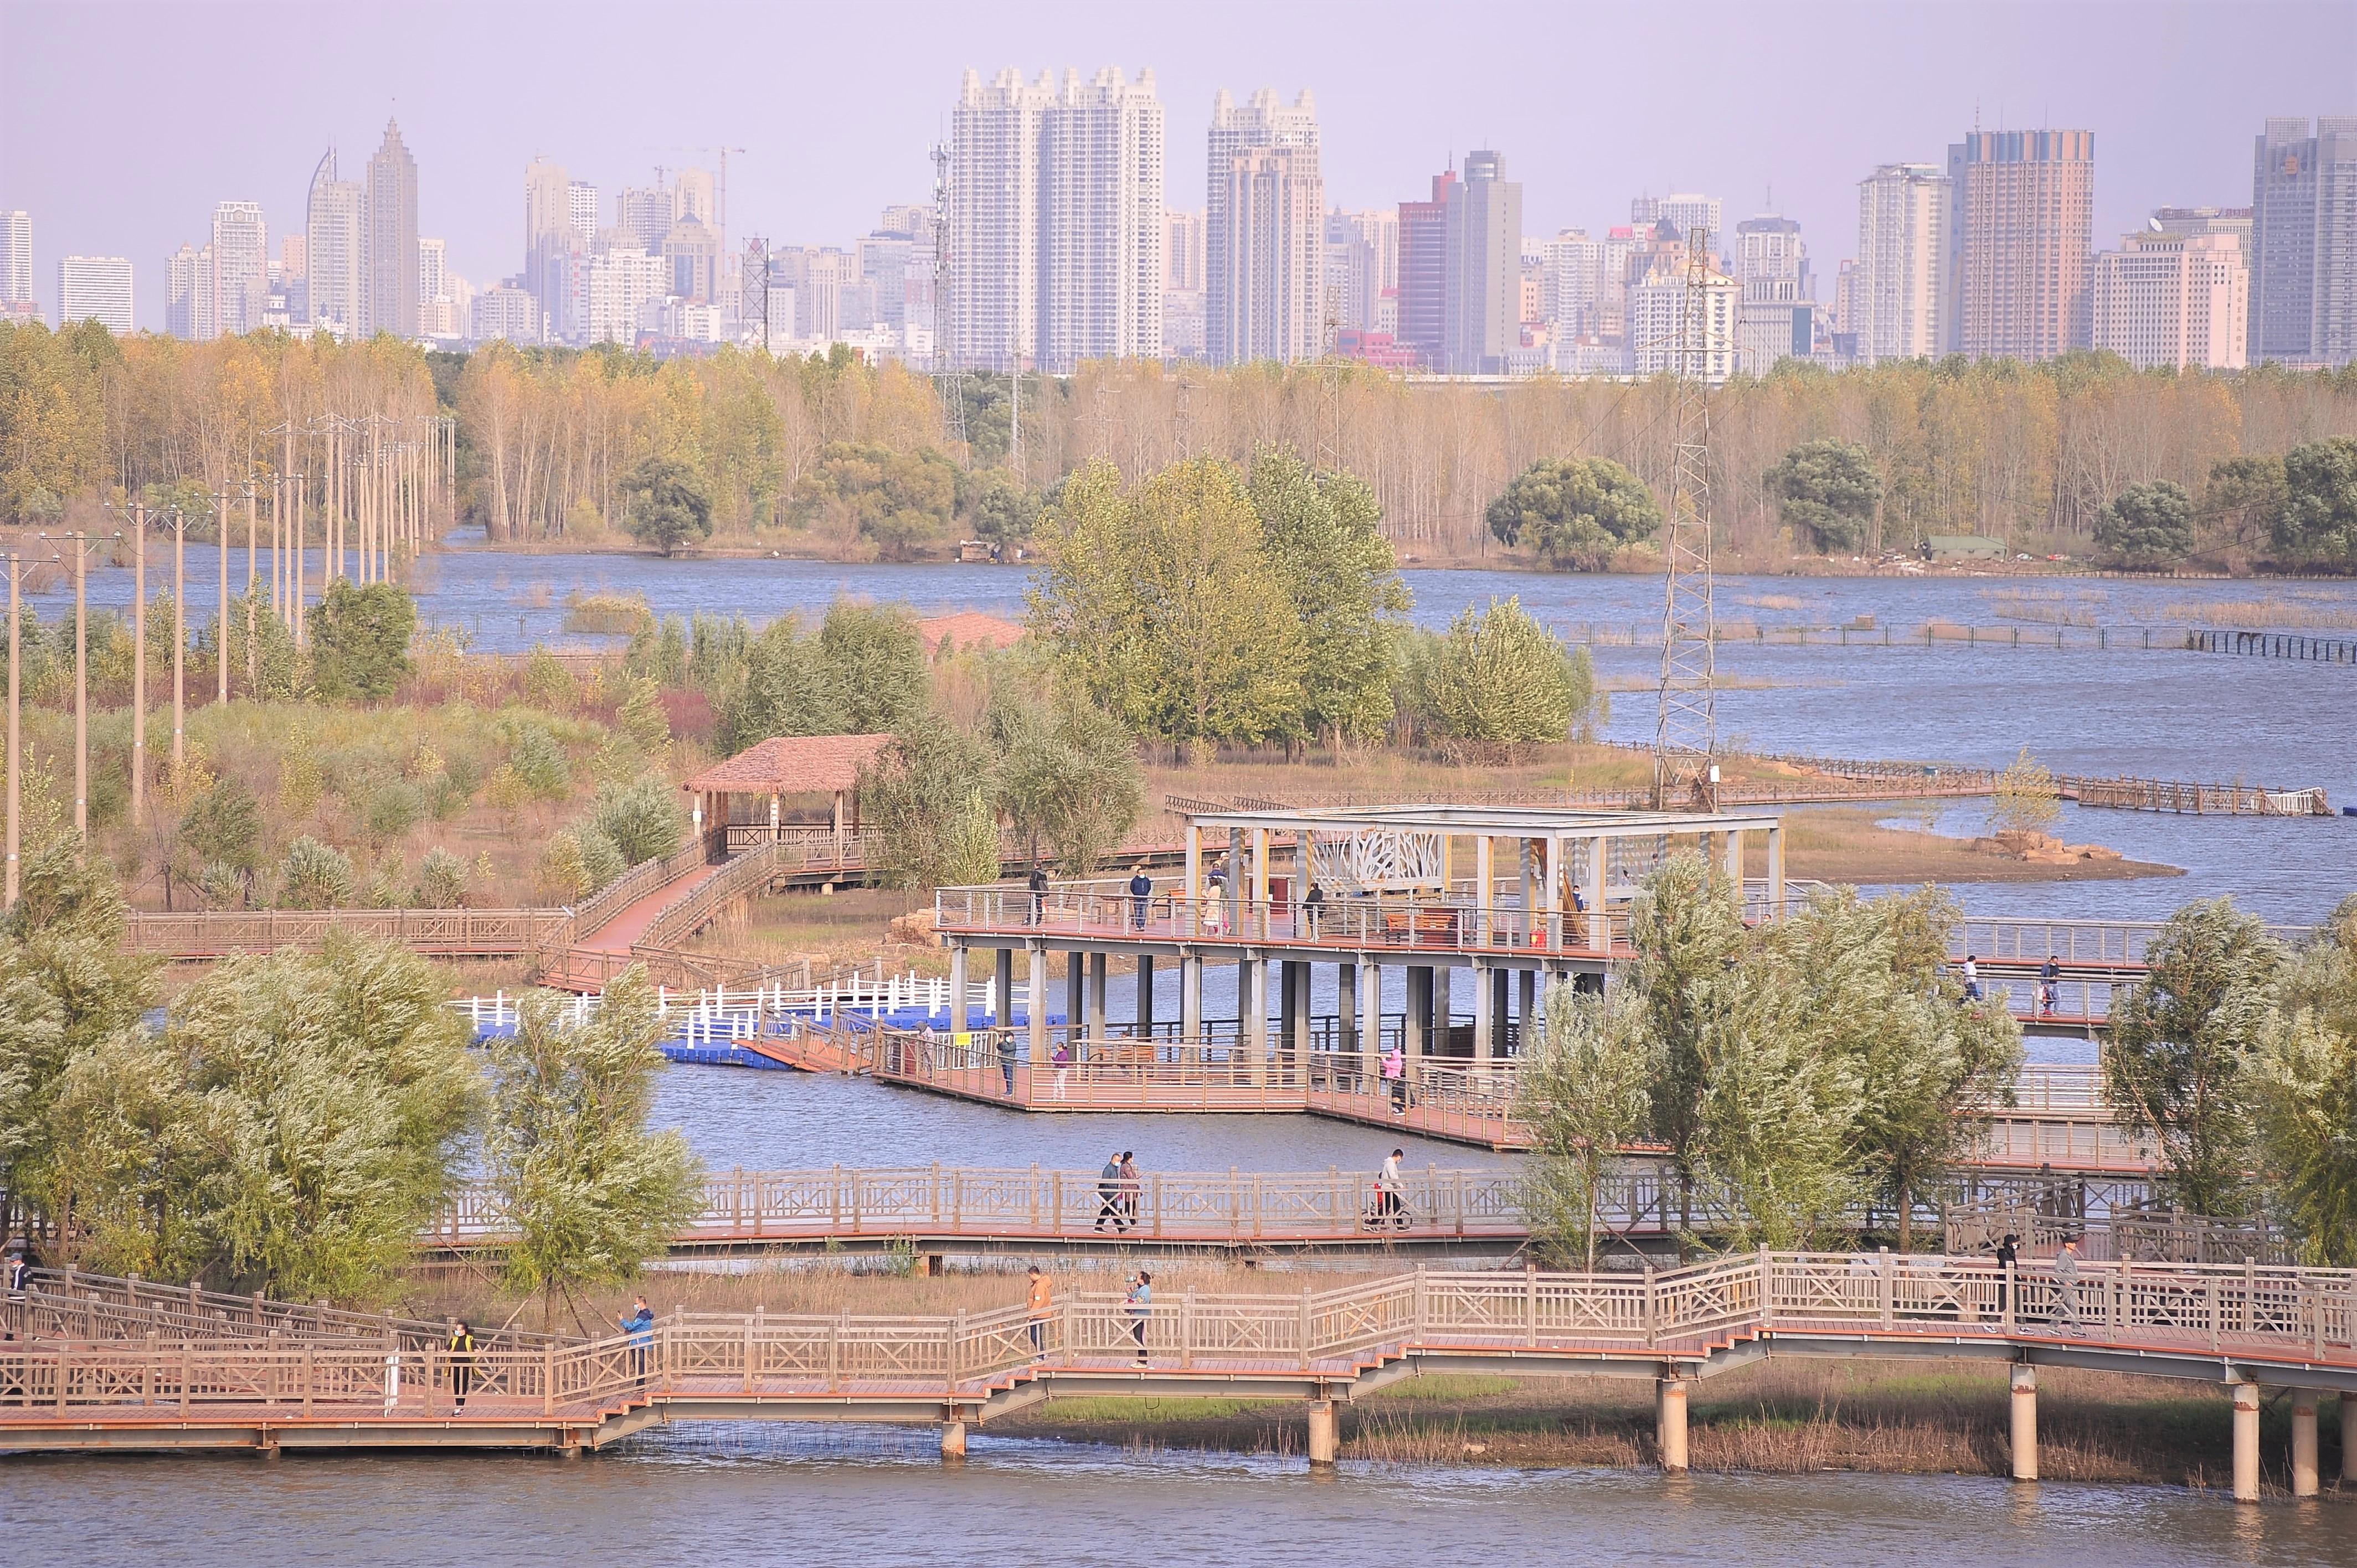 群力外滩湿地,人们走在栈桥上